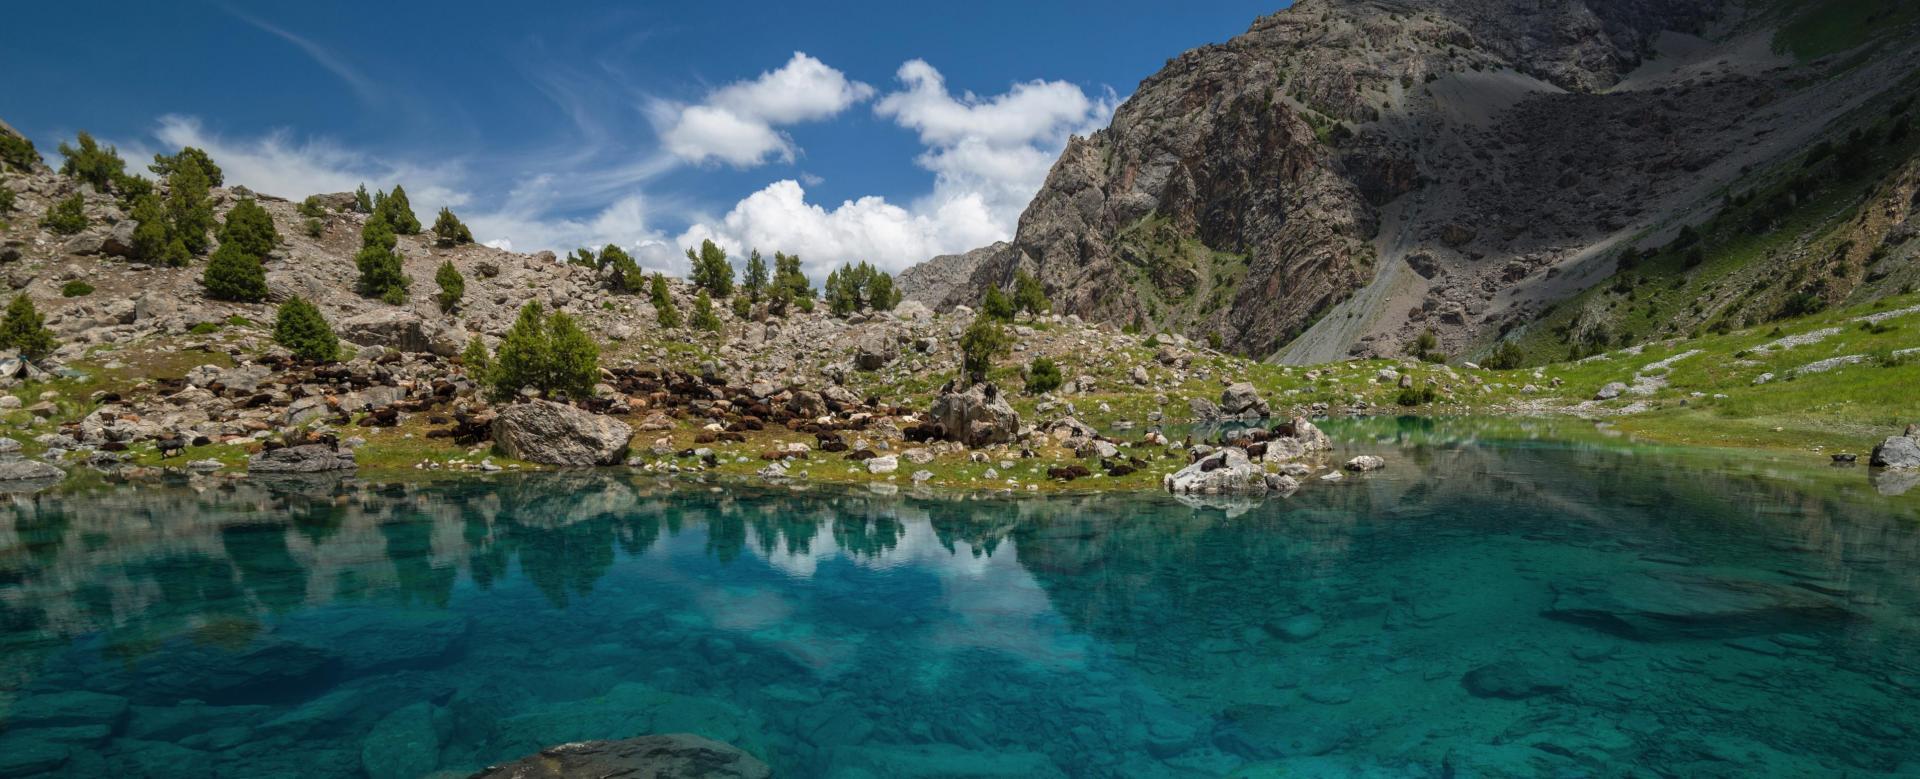 Voyage à pied : Les monts fanskye